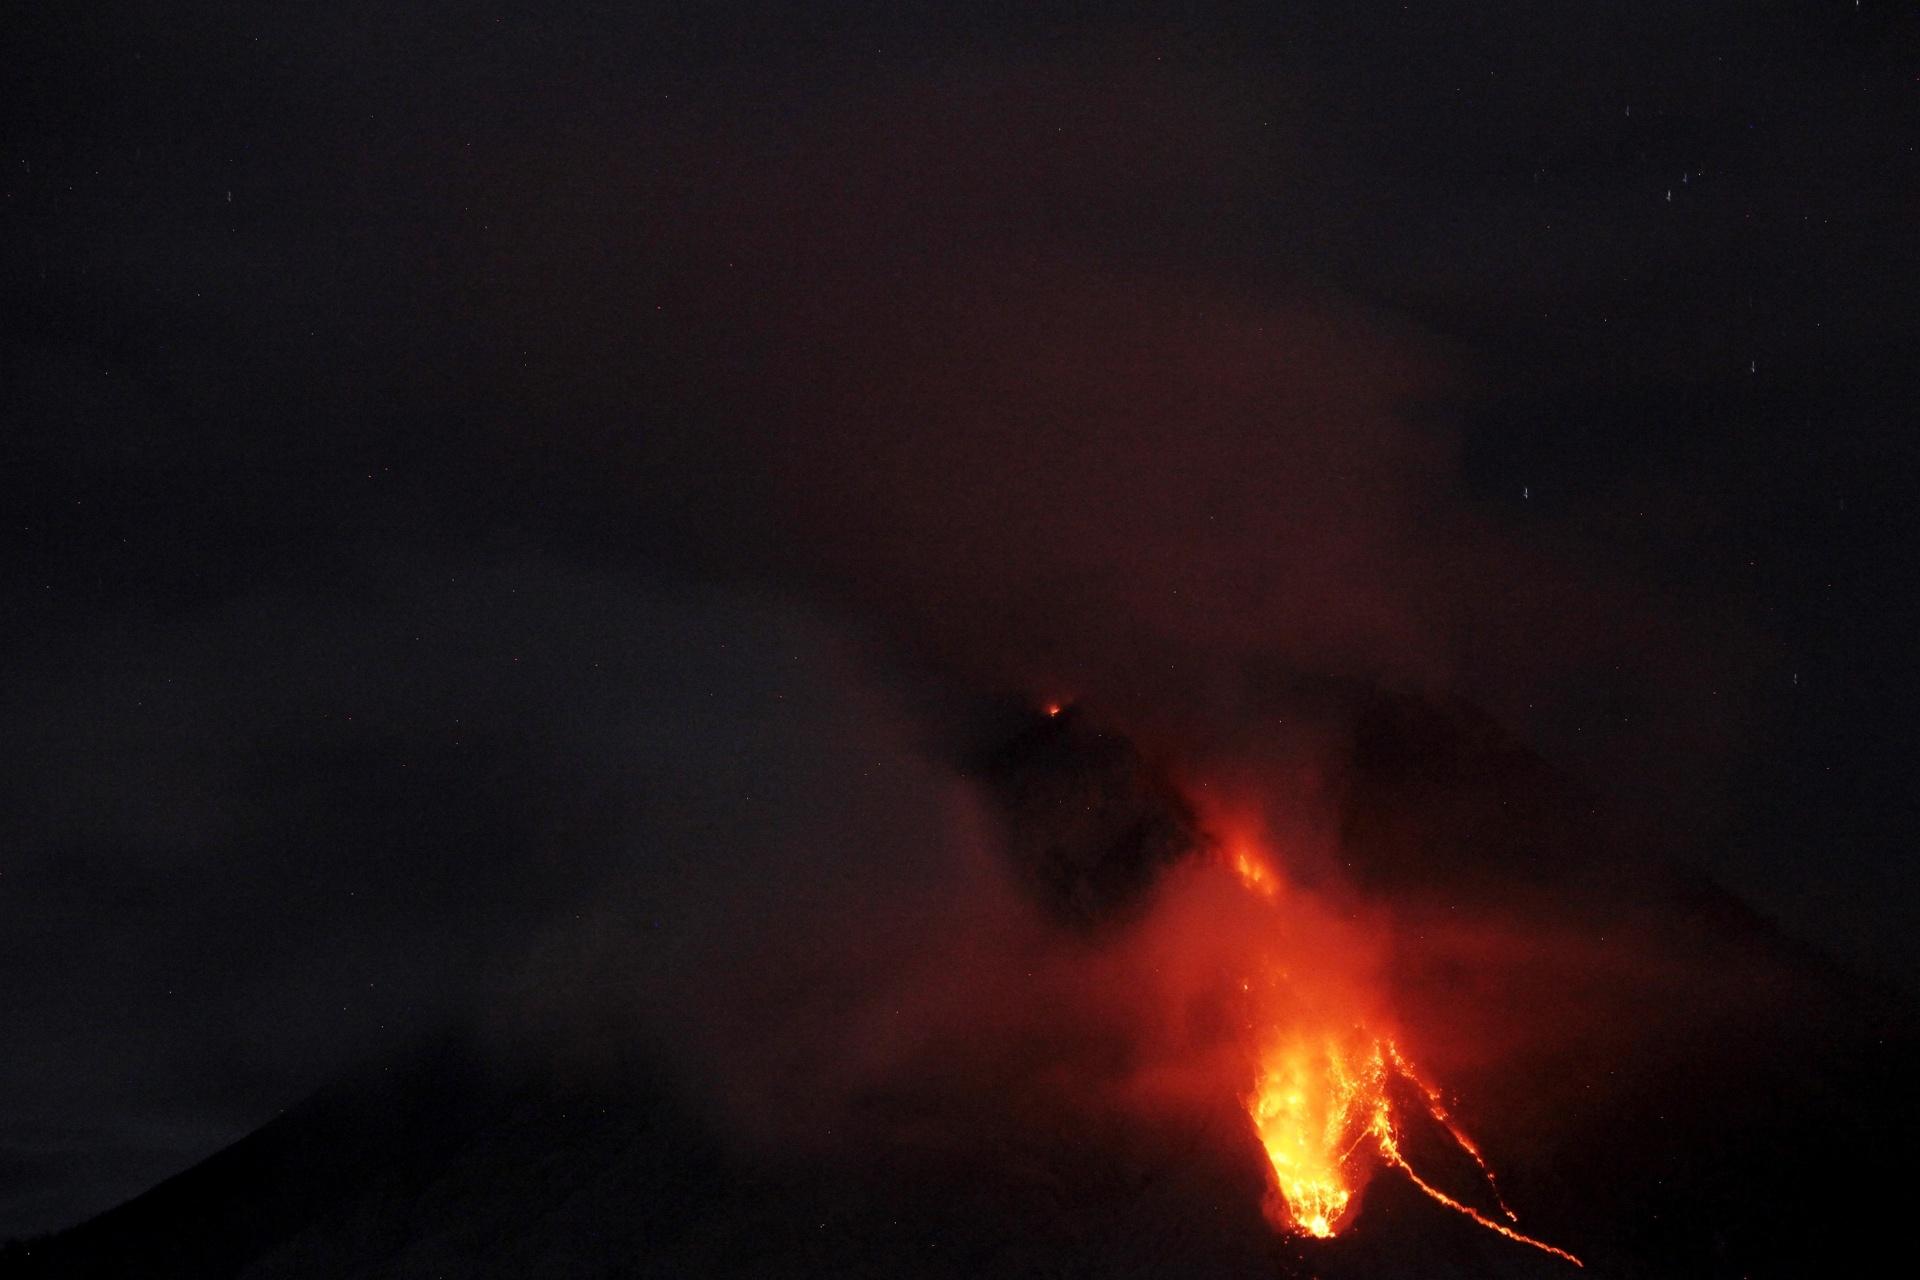 29.jul.2016 - O vulcão Monte Sinabung entra em erupção na aldeia Joya, na Indonésia